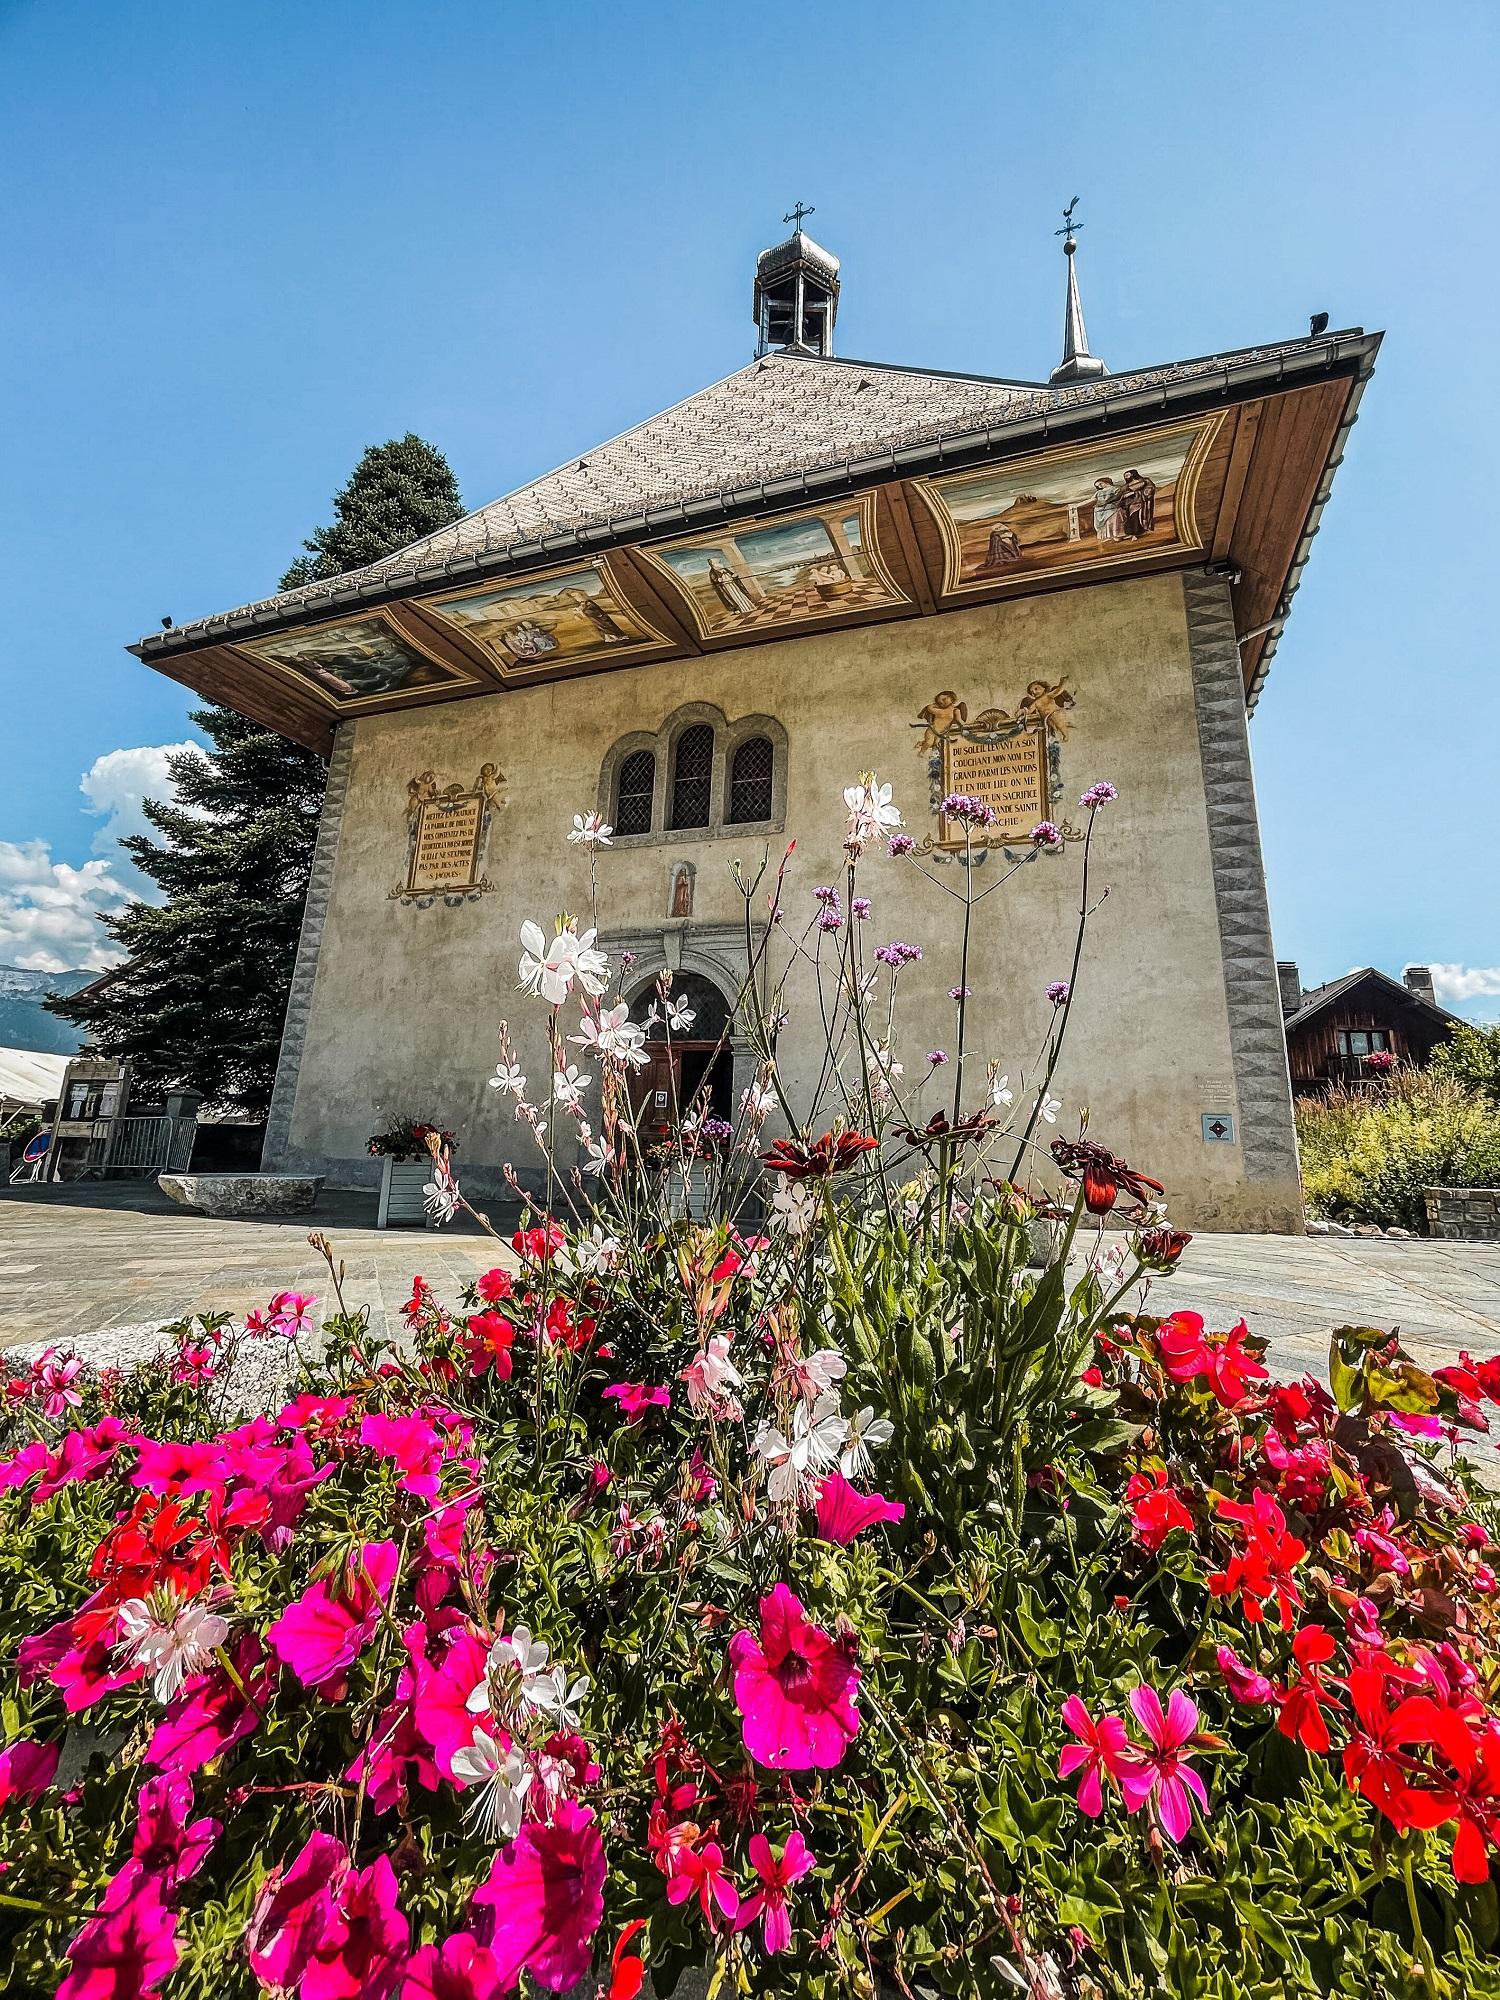 20.07.21-Tour-village-Iphone-©Marine-MARTIN-OT-Combloux-8